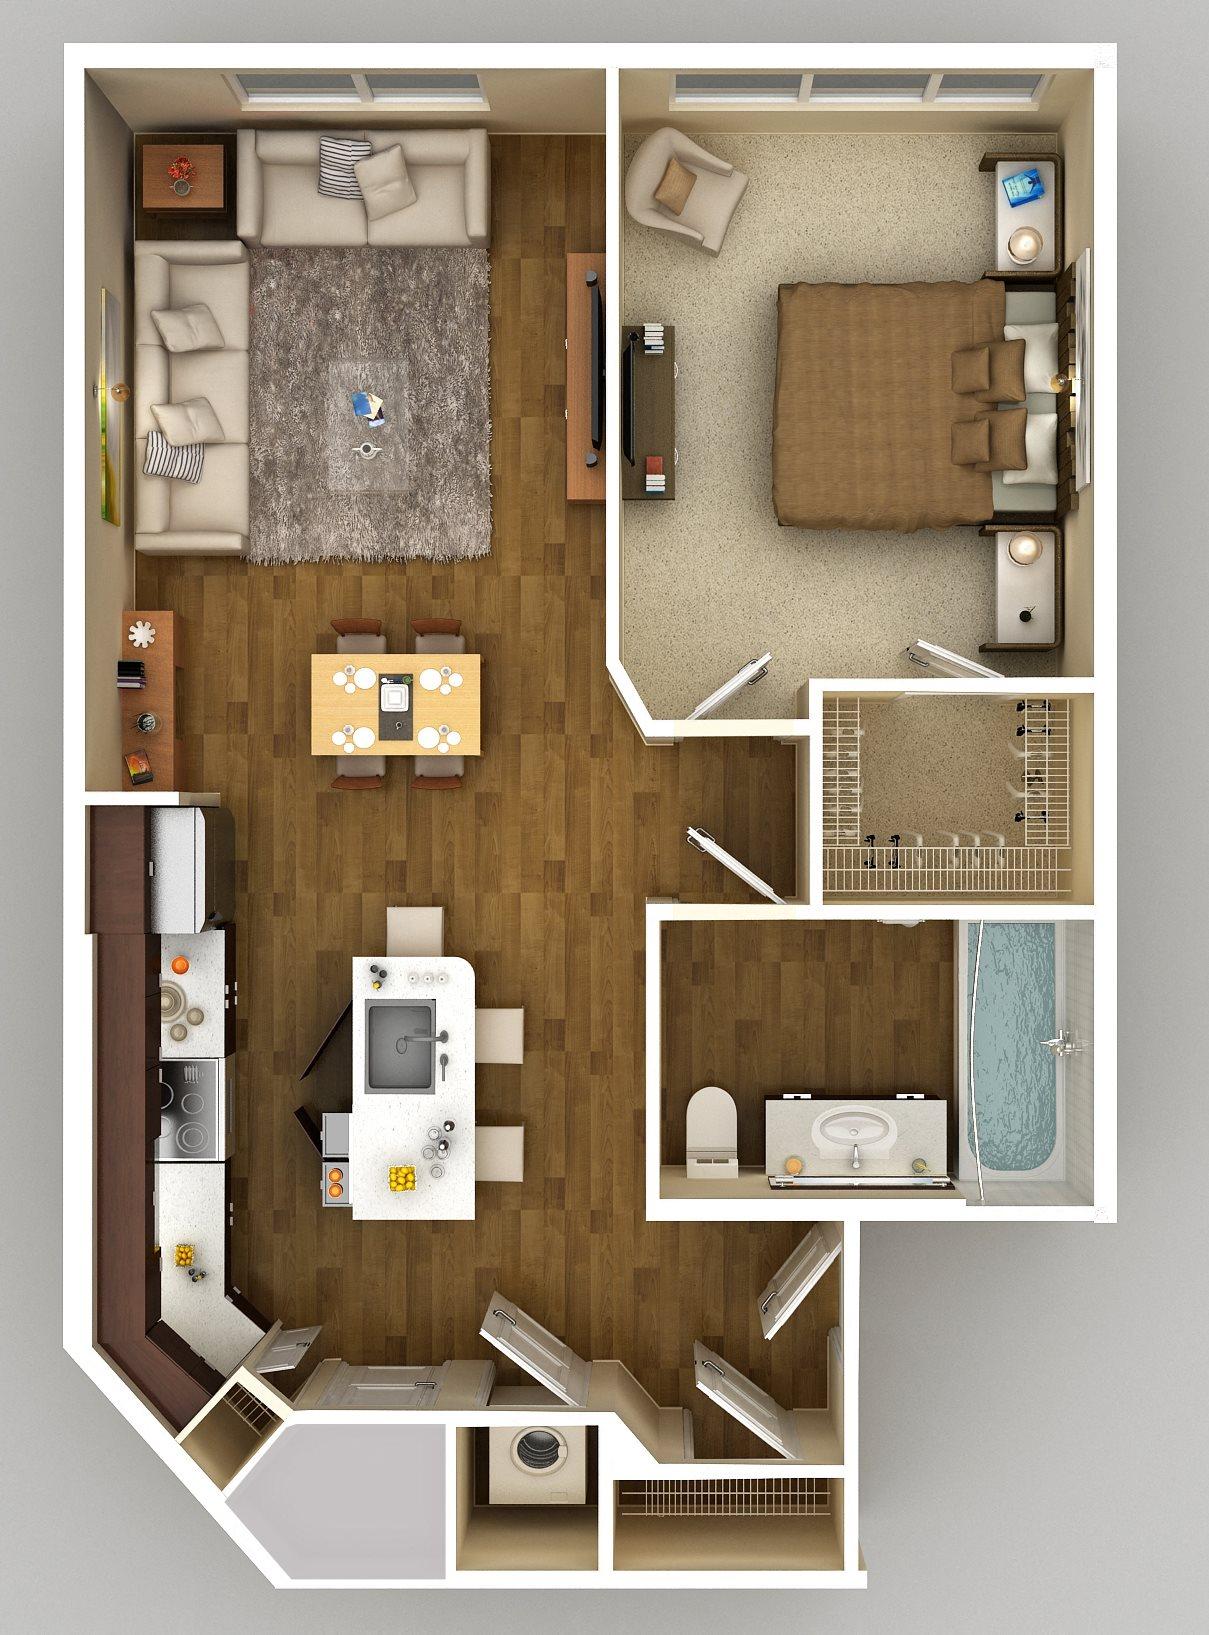 1x1 B Floor Plan 2